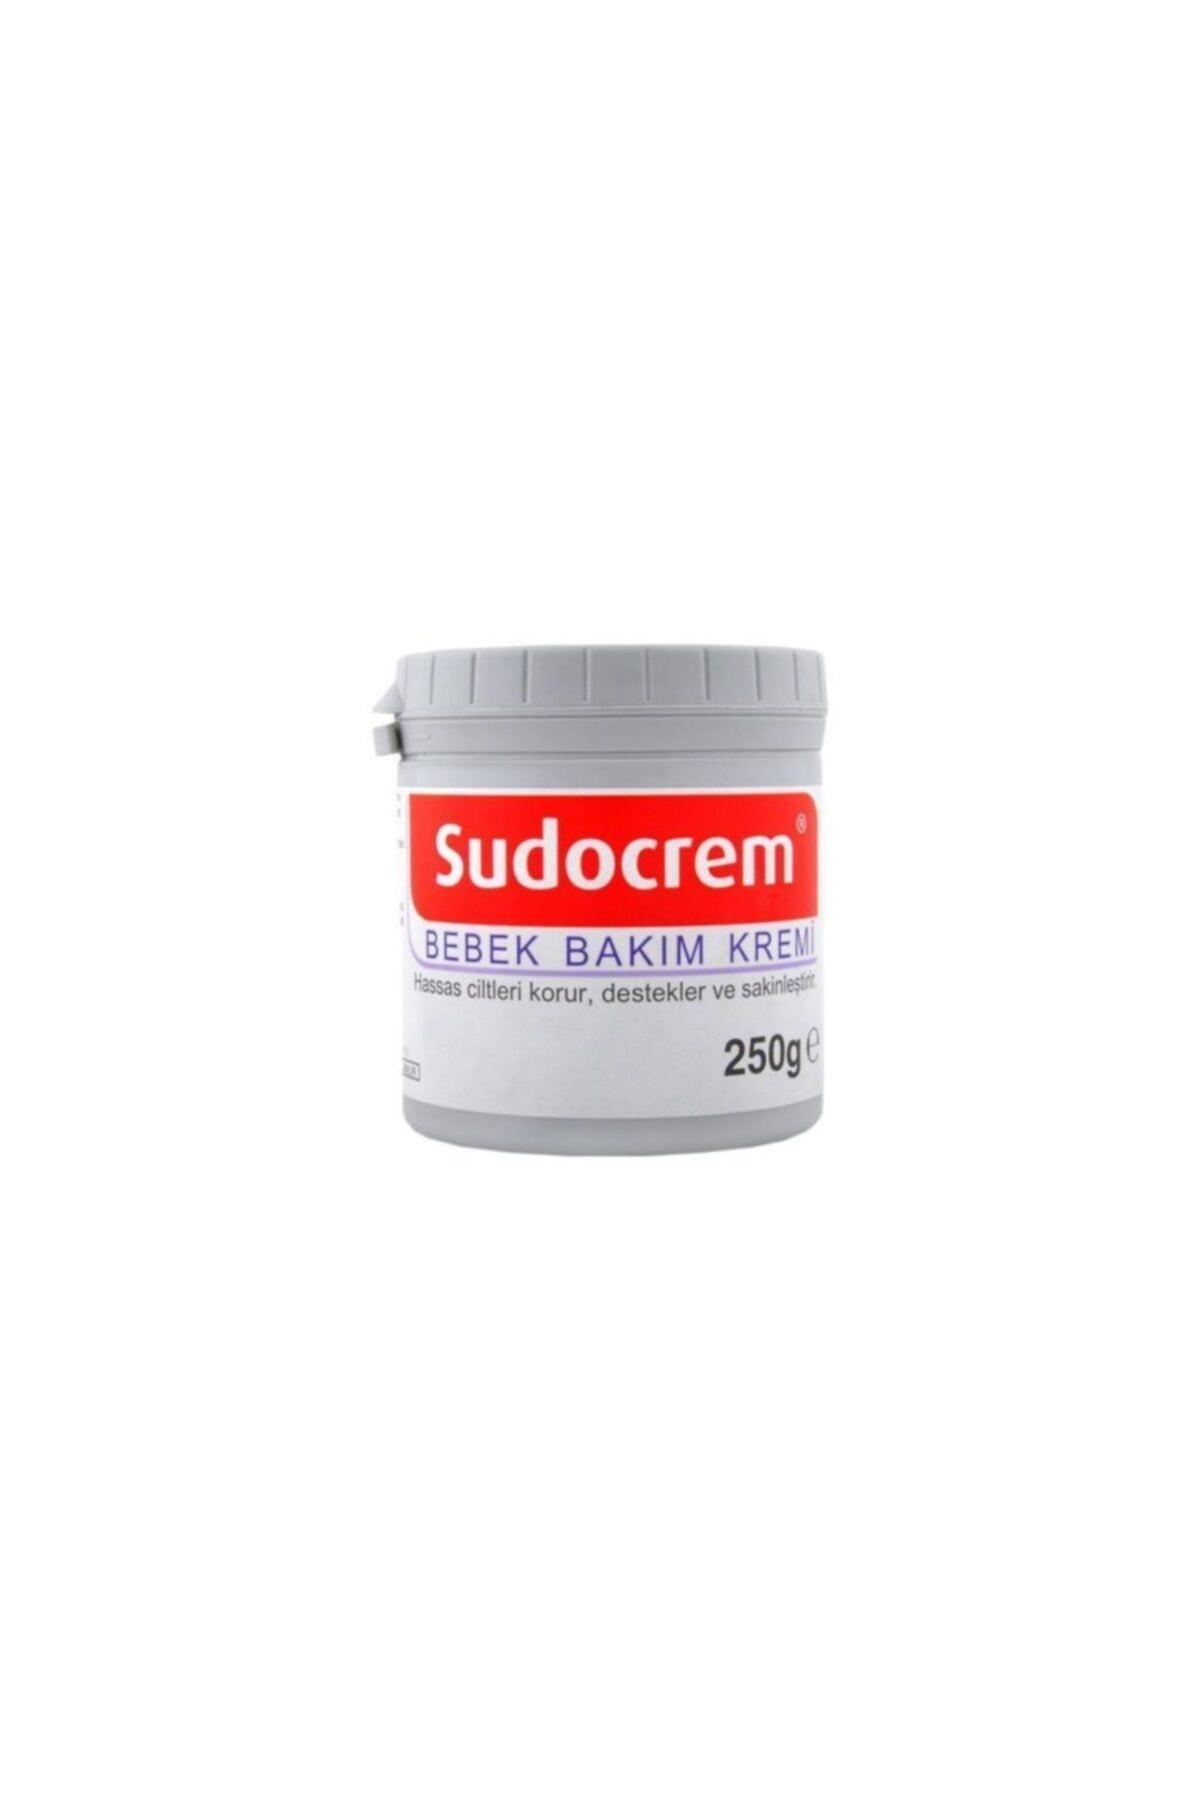 Sudocrem Biocodex Bebek Bakım Kremi 250 gr 1